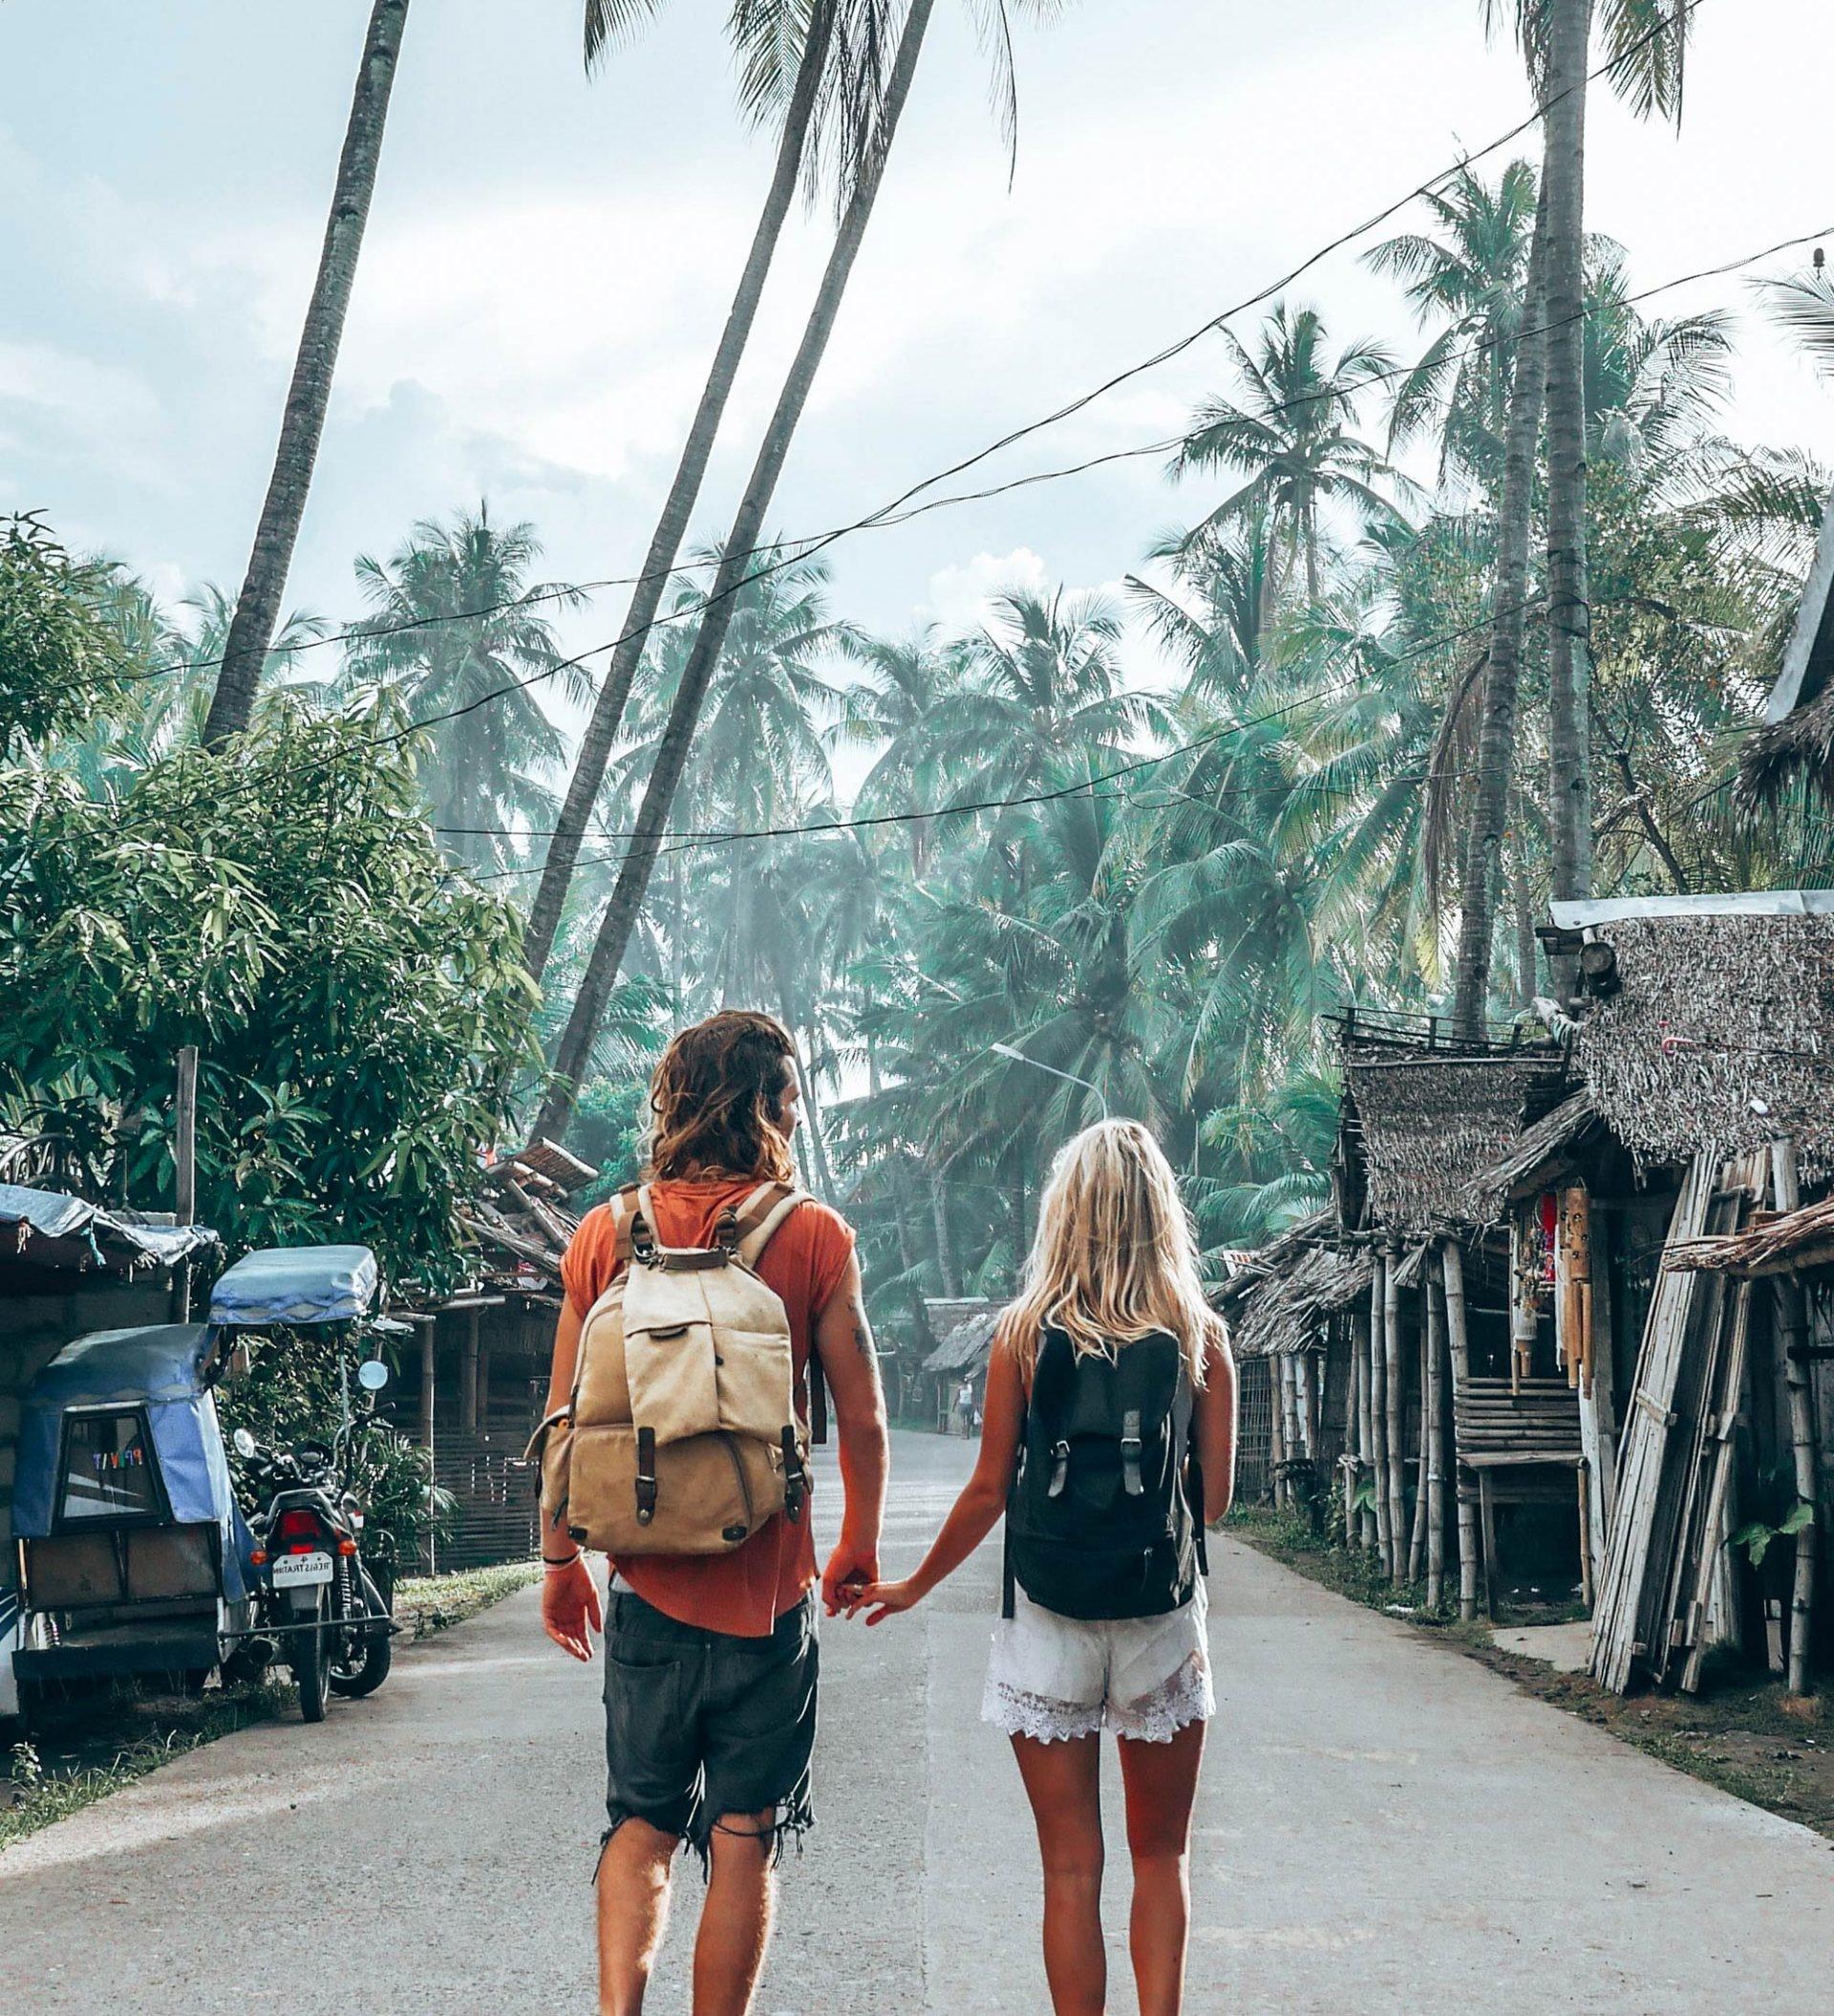 xplorez un nouveau pays avec votre conjoint.